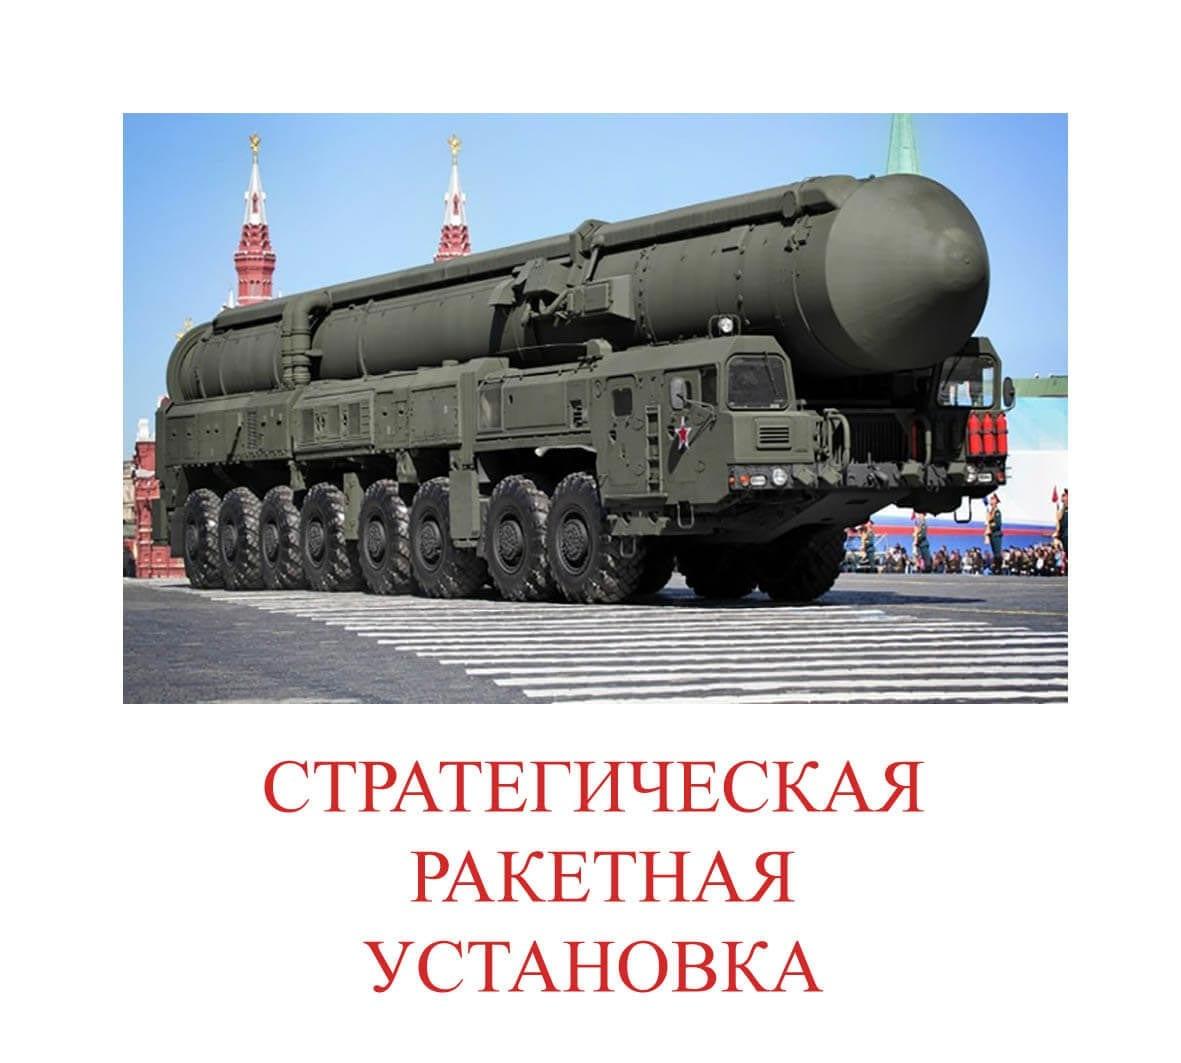 стратегическая ракетная установка1